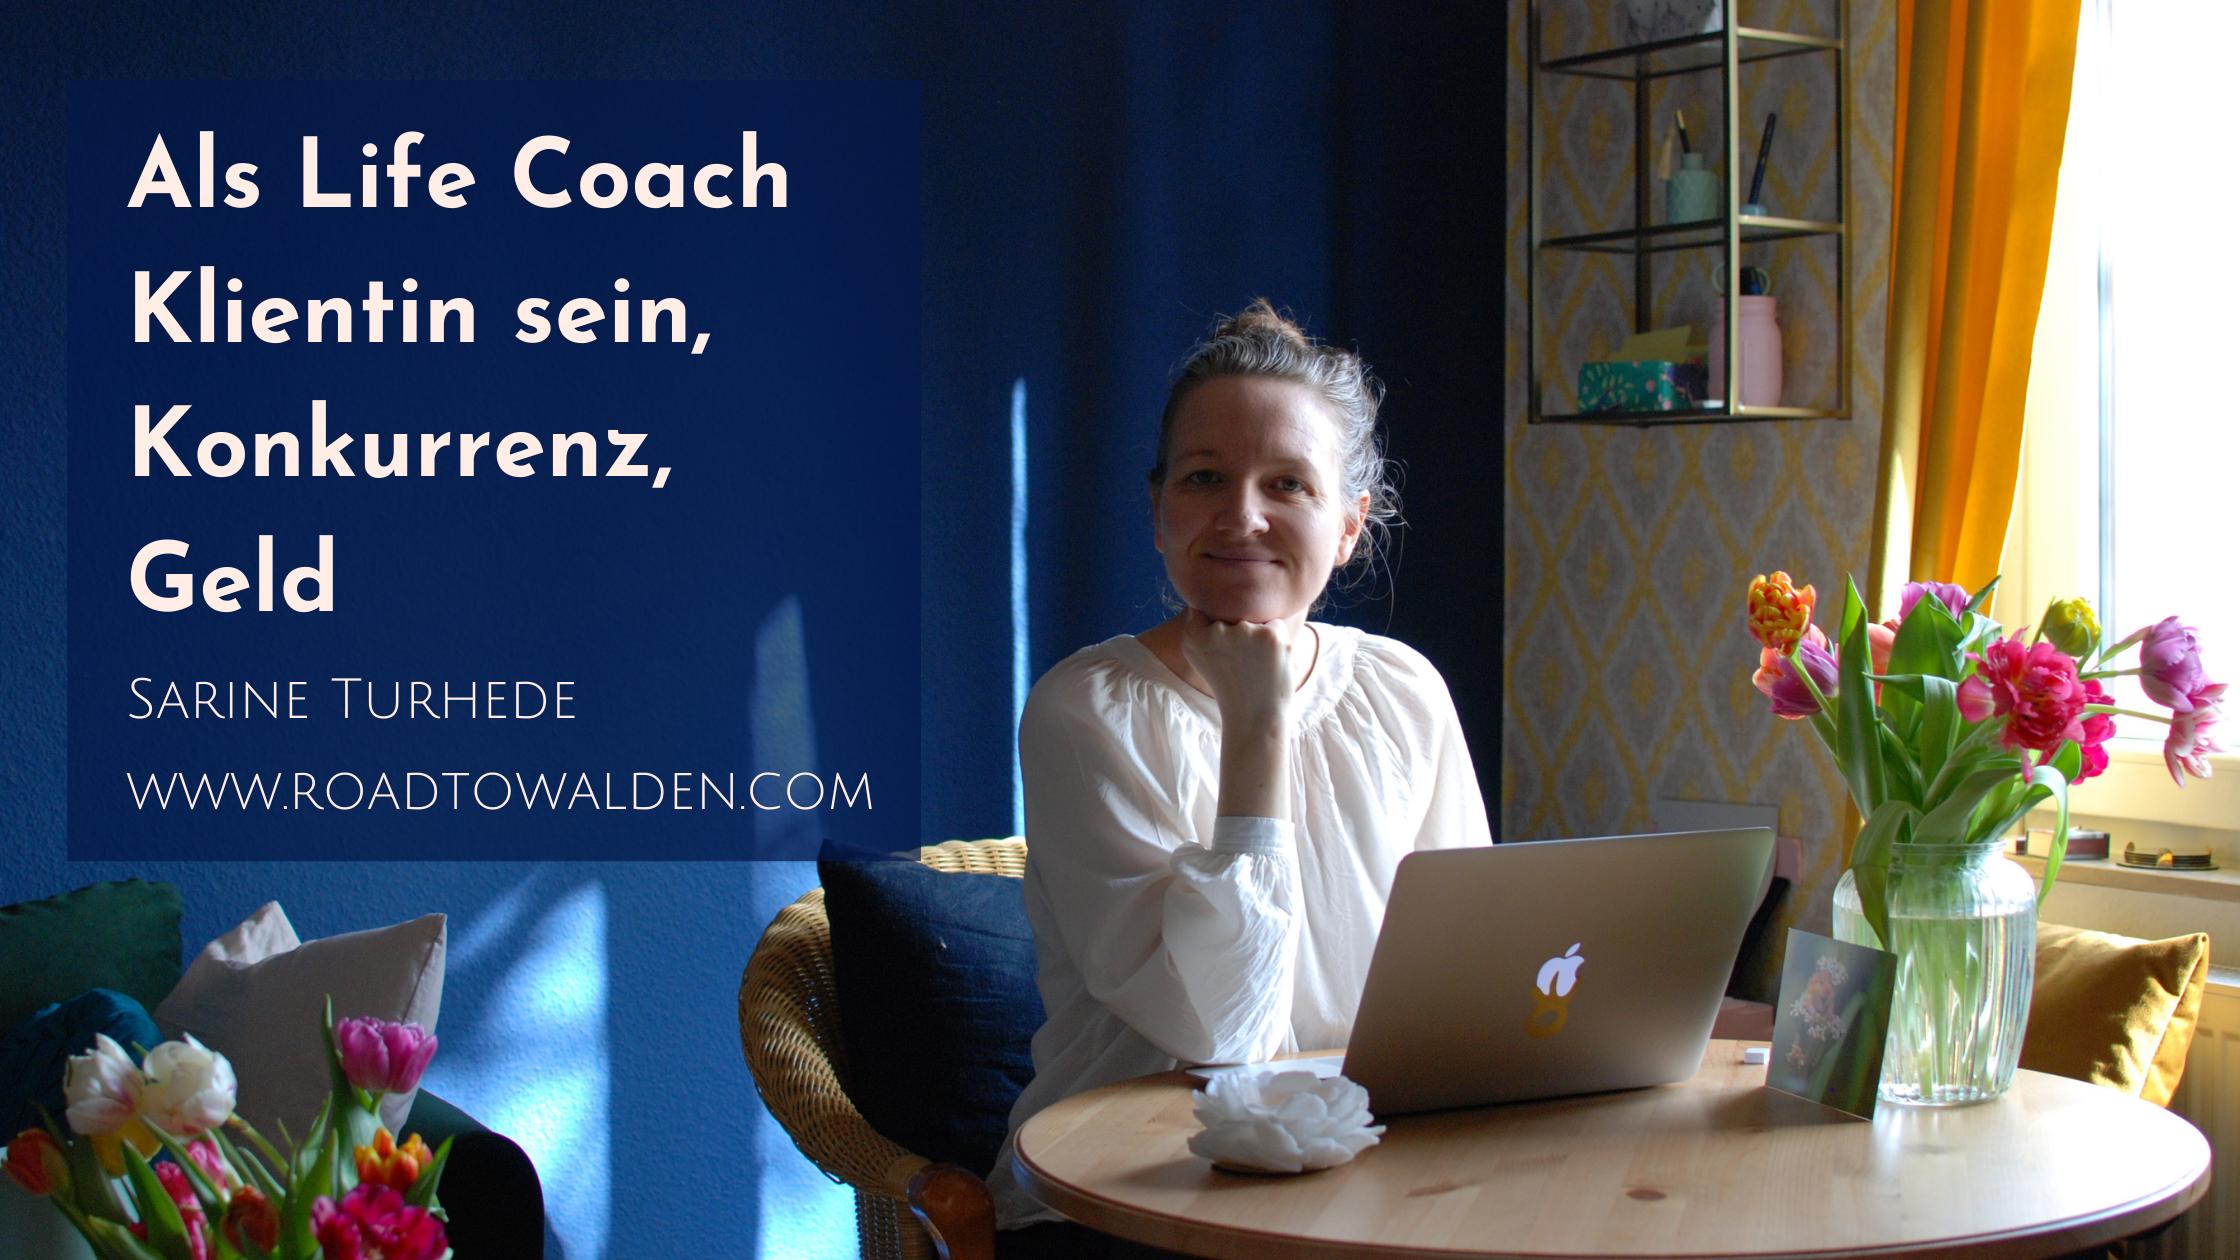 Als Life Coach Klientin sein, Konkurrenz, Geld - Sarine Turhede - www.roadtowalden.com